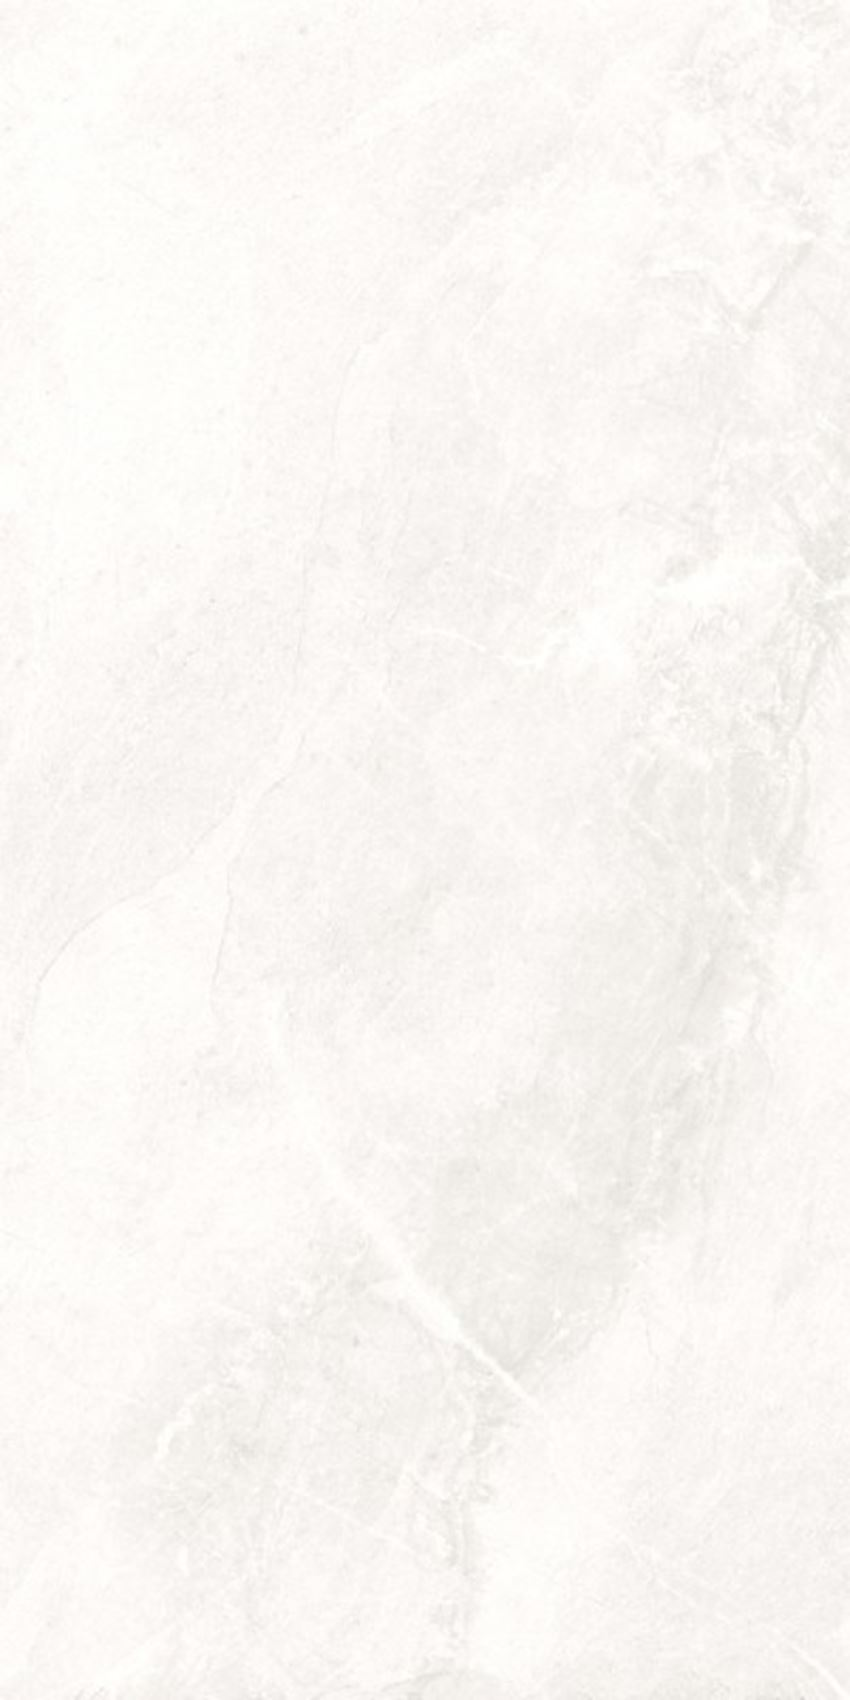 Płytka ścienno-podłogowa lappato 59,7x119,7 cm Nowa Gala Tioga